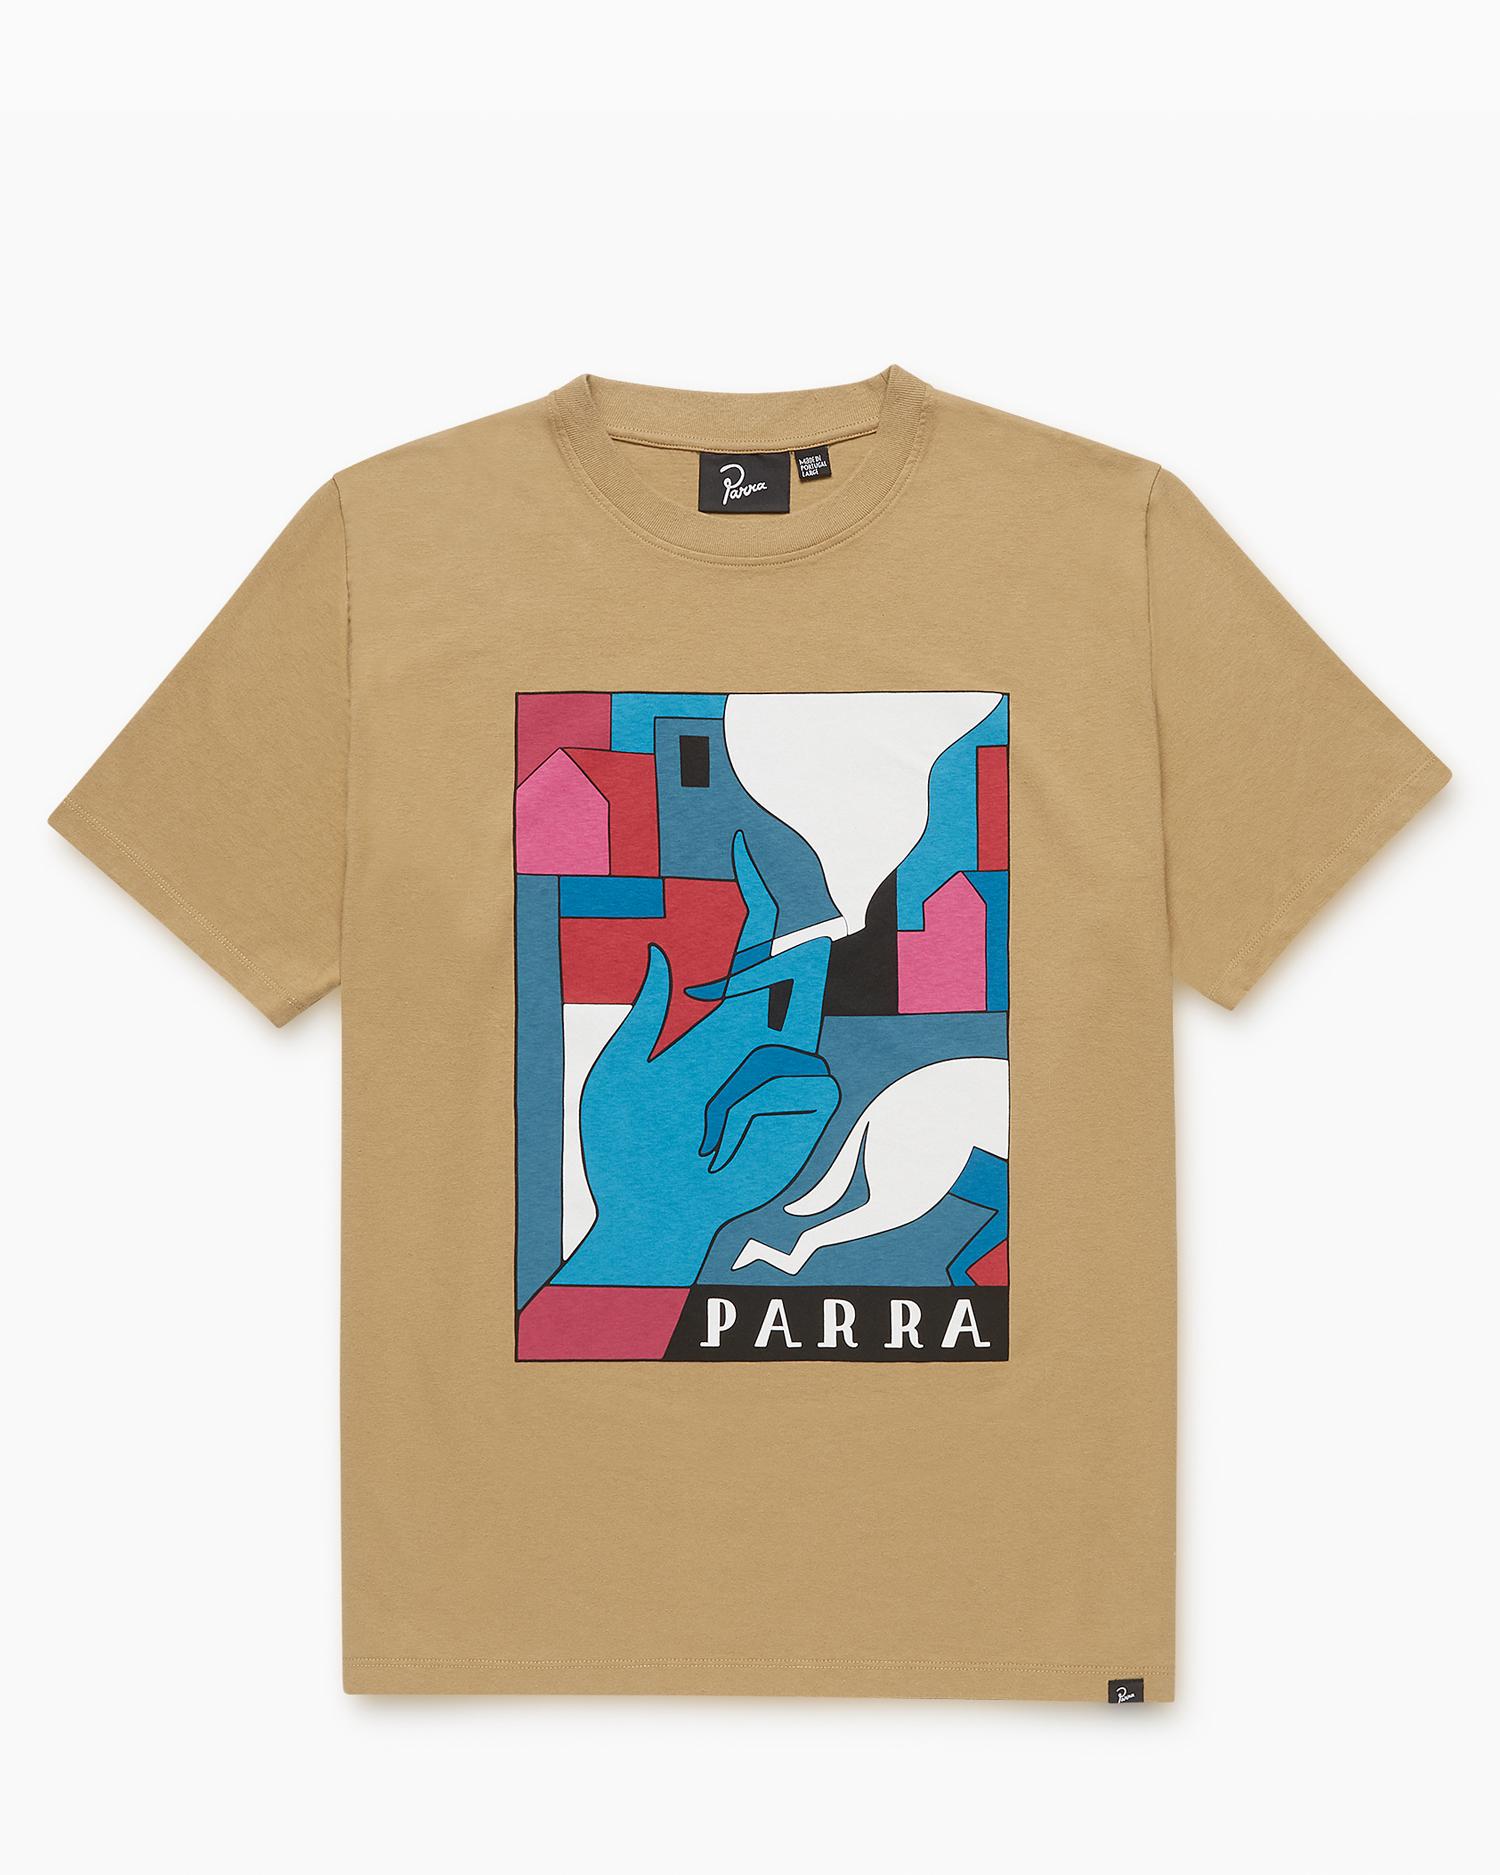 Parra Bad Habits T-Shirt Camel